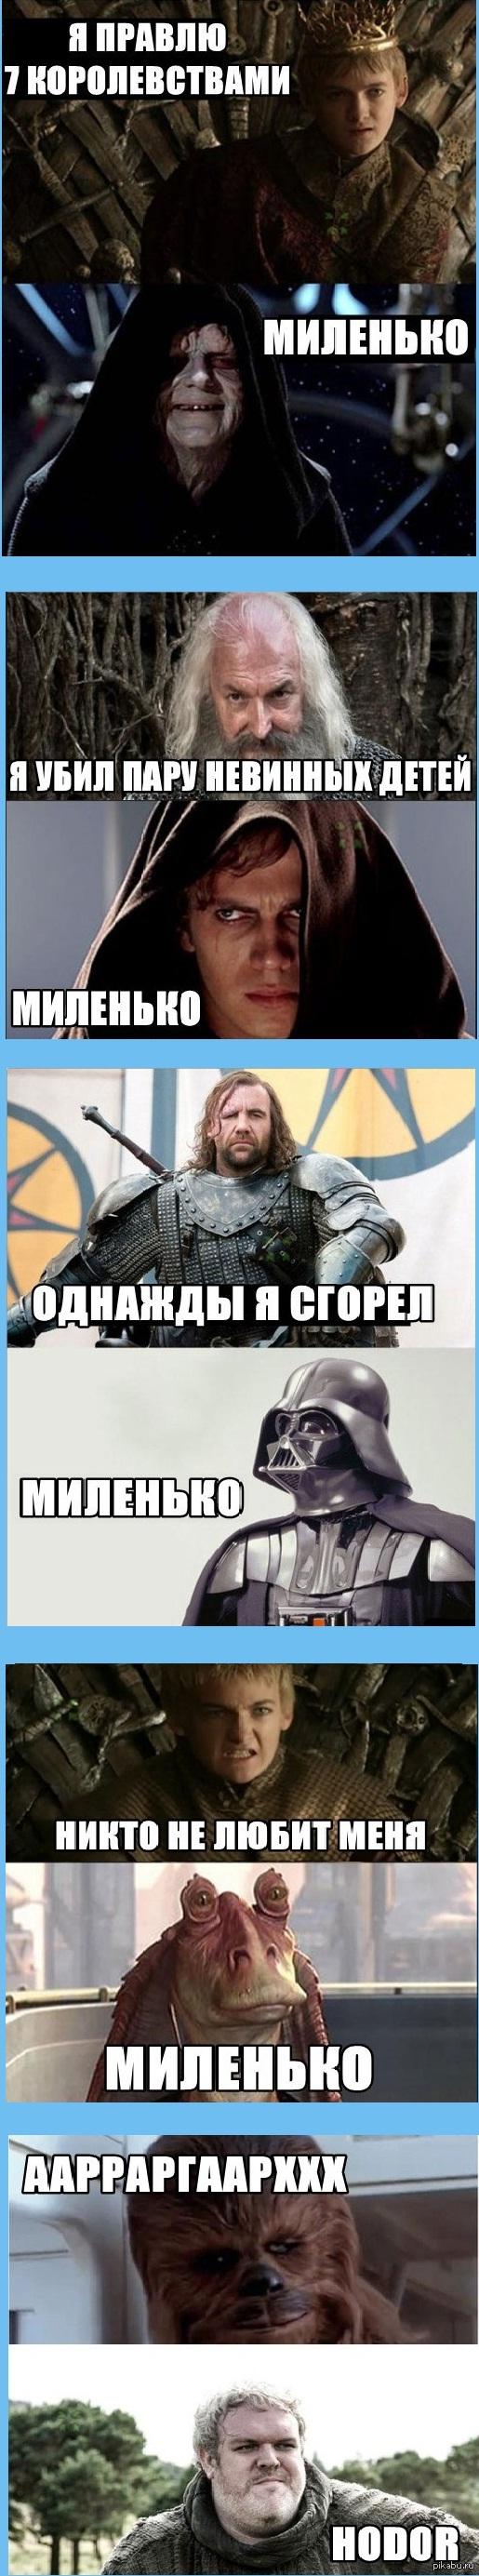 Игра престолов vs Звёздные войны